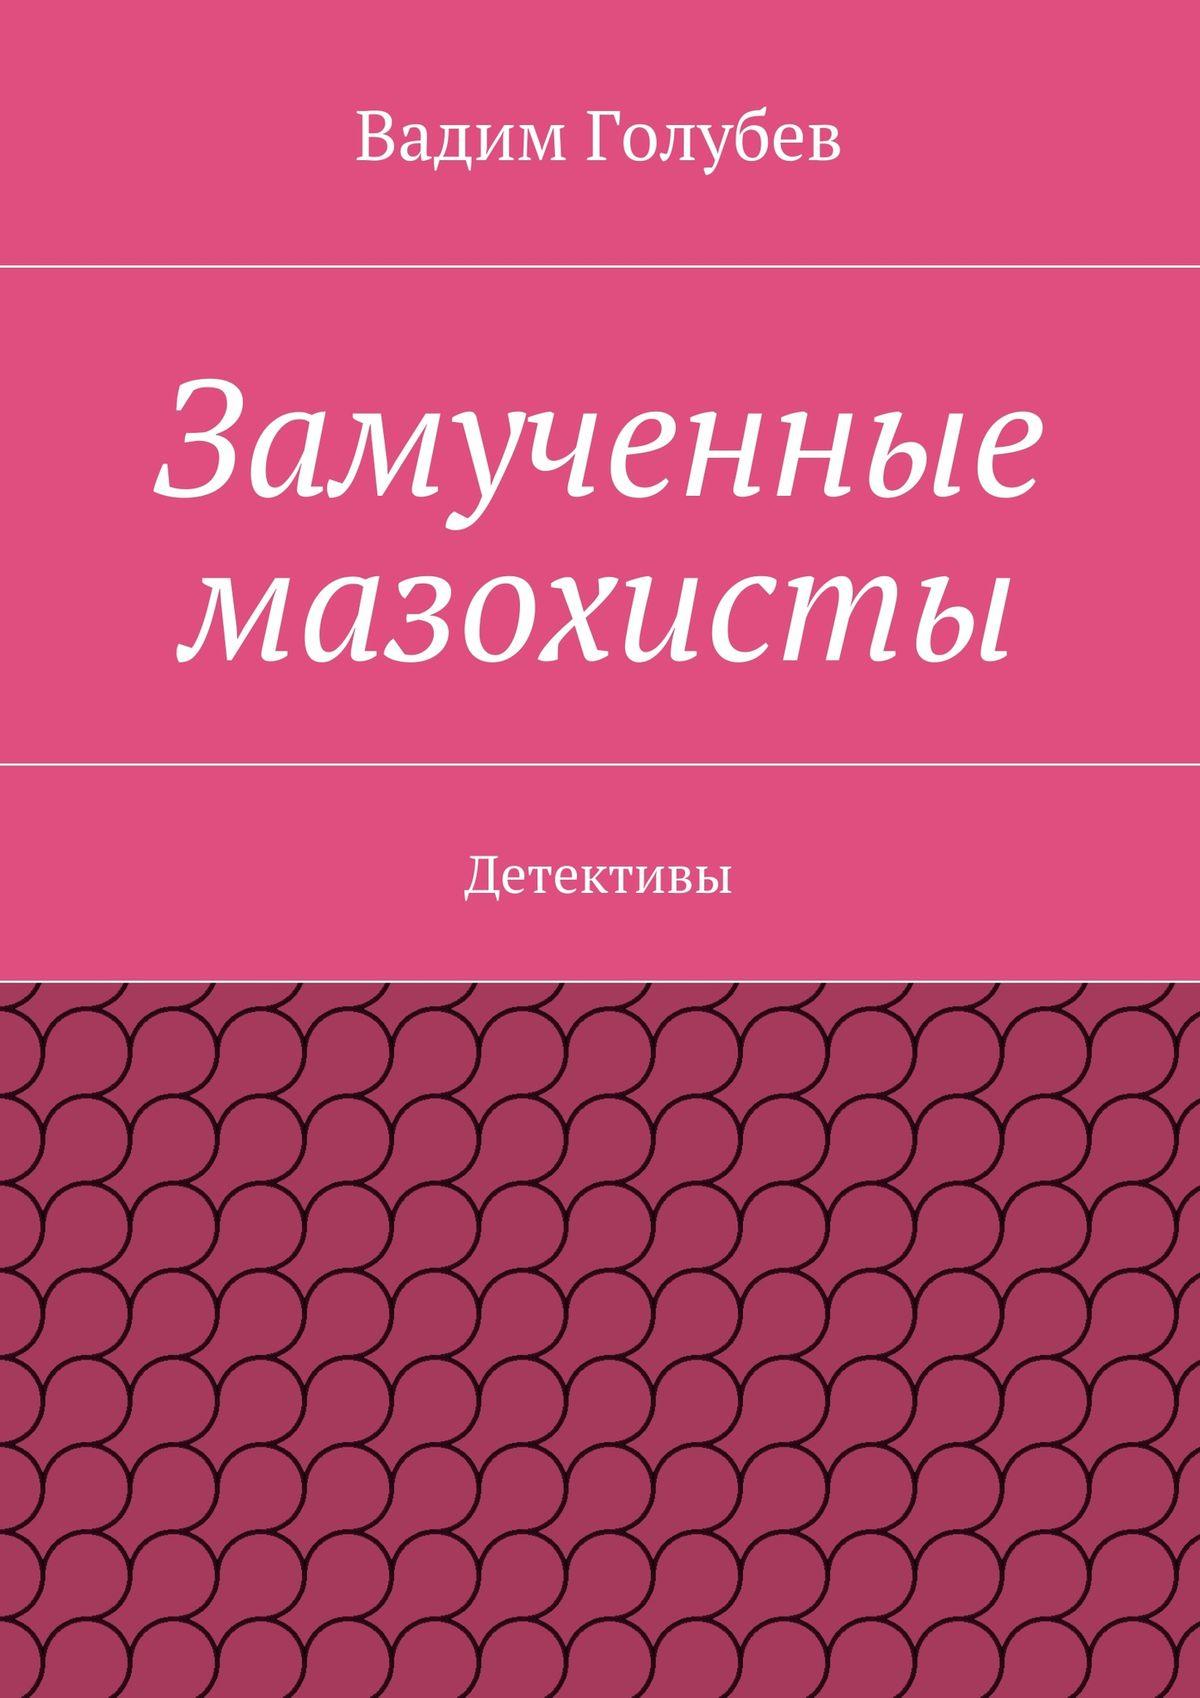 Вадим Голубев Замученные мазохисты. Детективы вадим голубев замученные мазохисты детективы